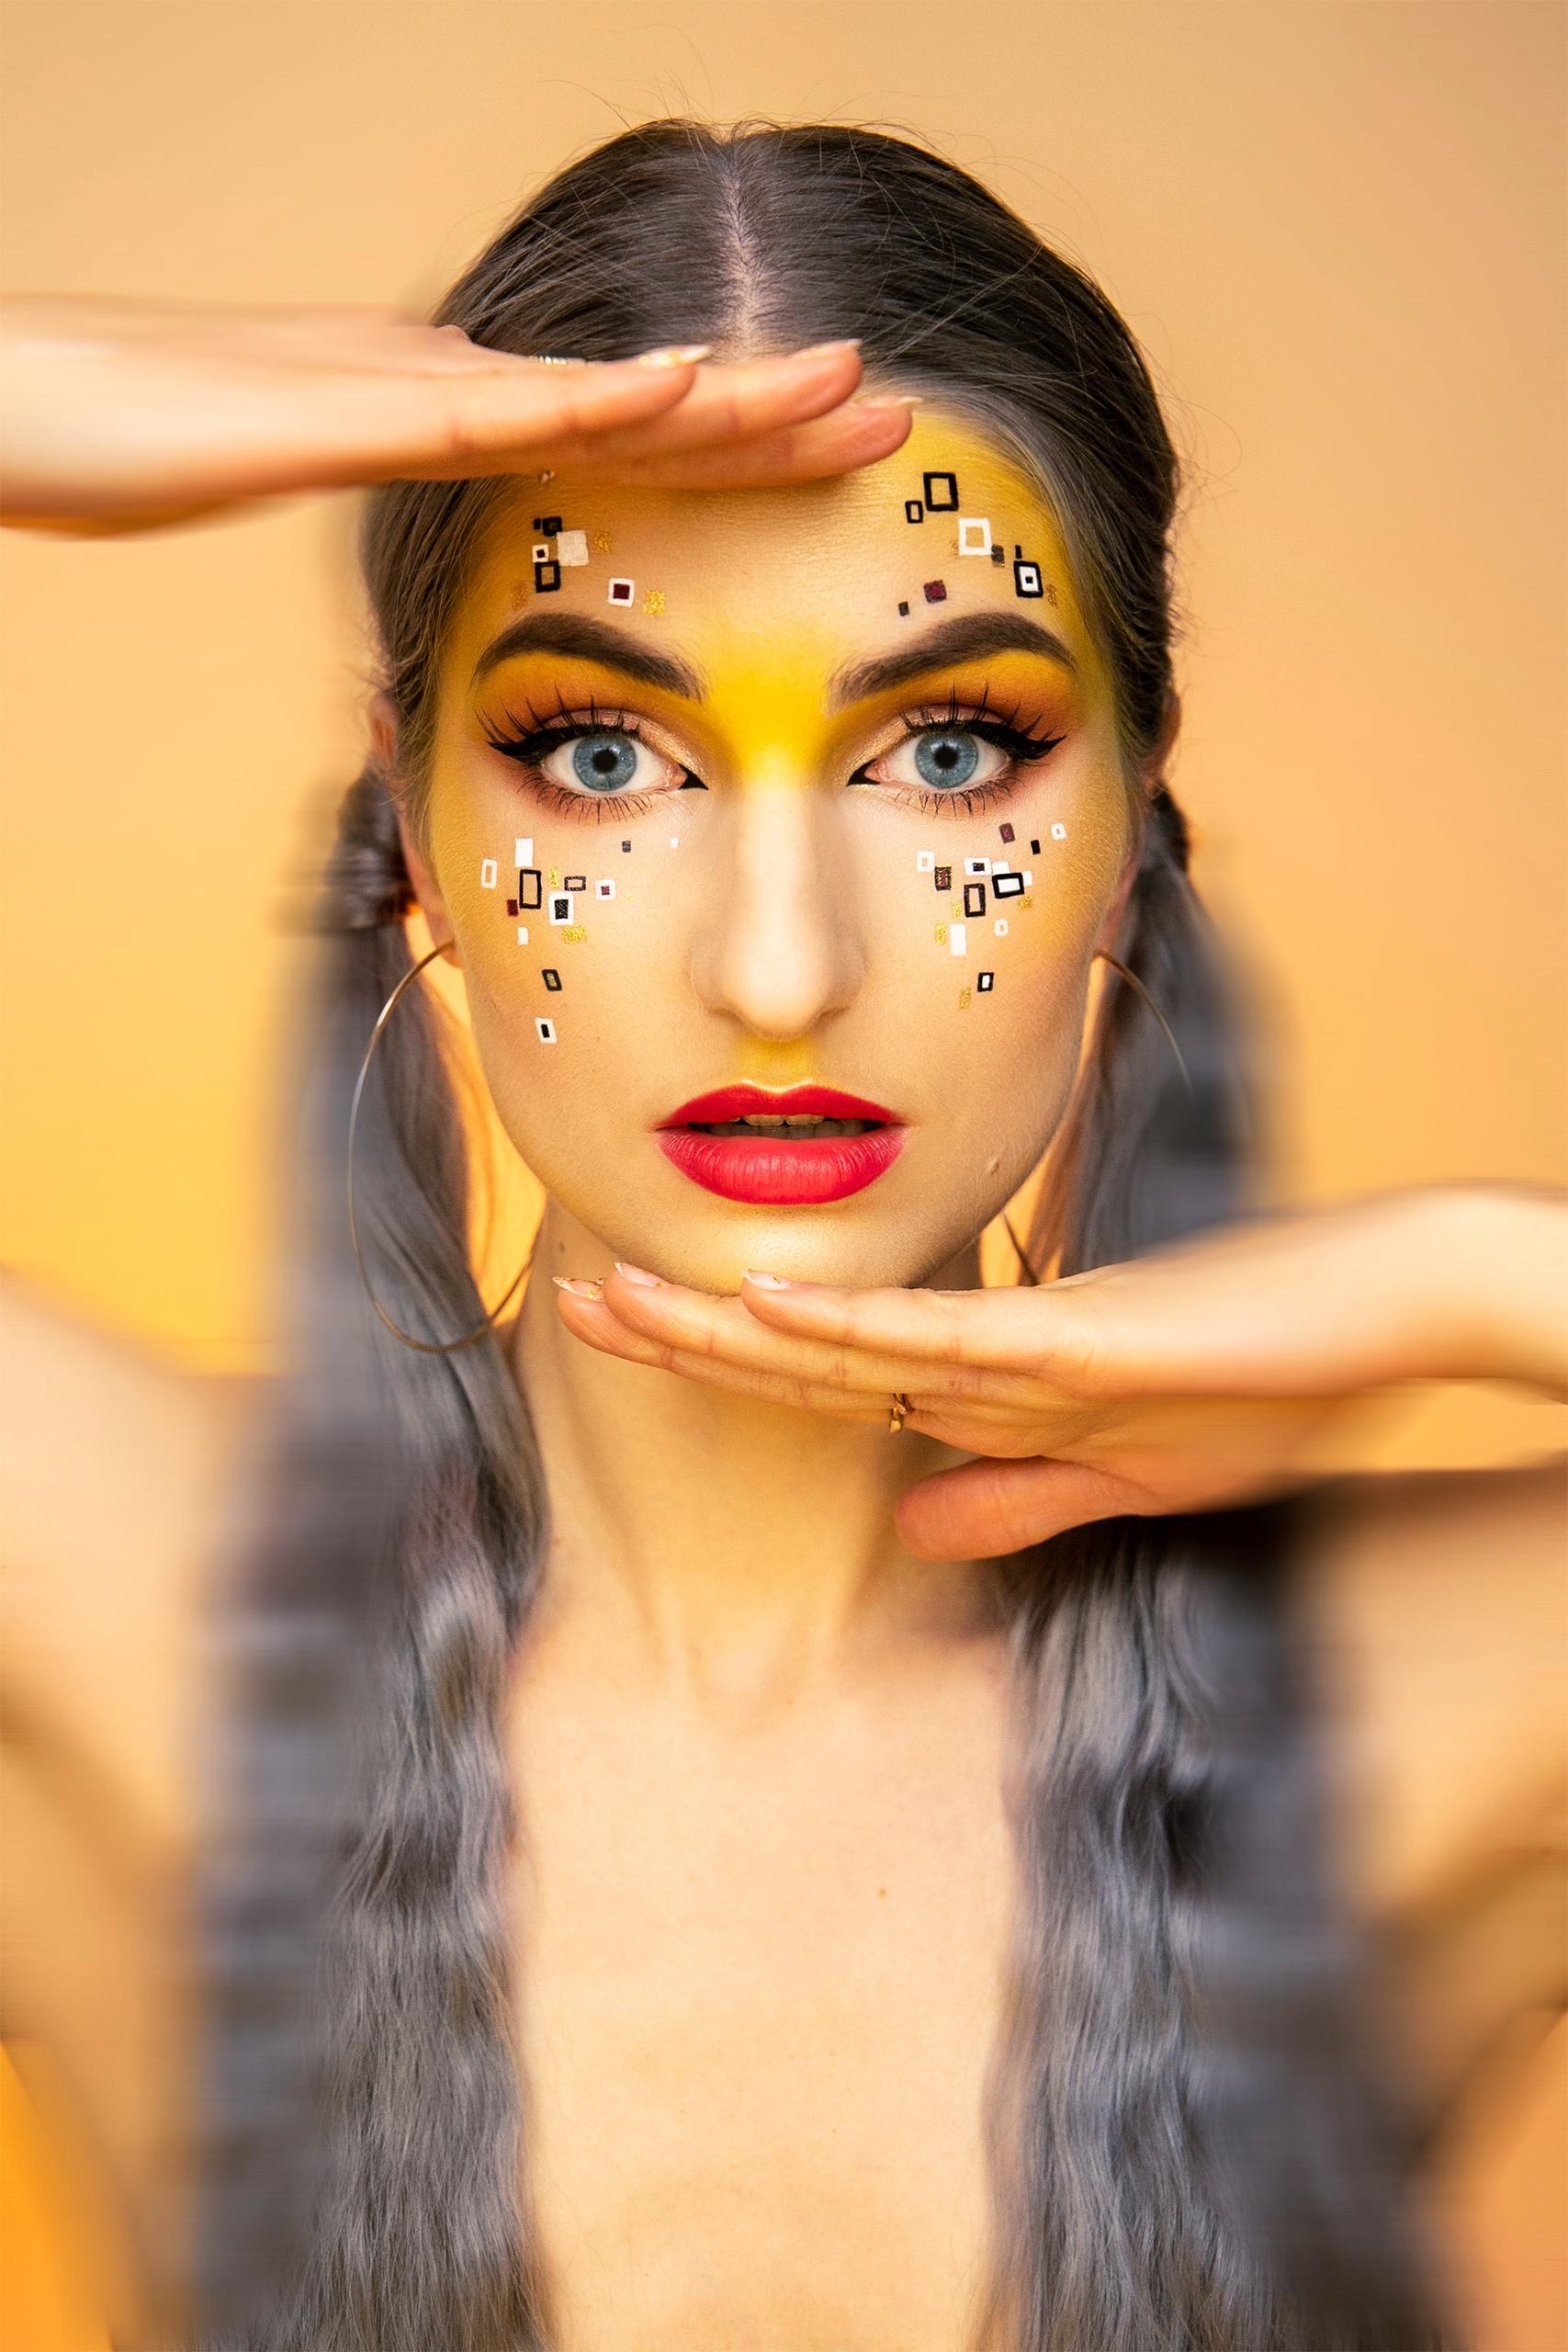 Fotografia przedstawia portret kobiety w mocnym makijażu. Całość w ciepłej, żółtej tonacji.